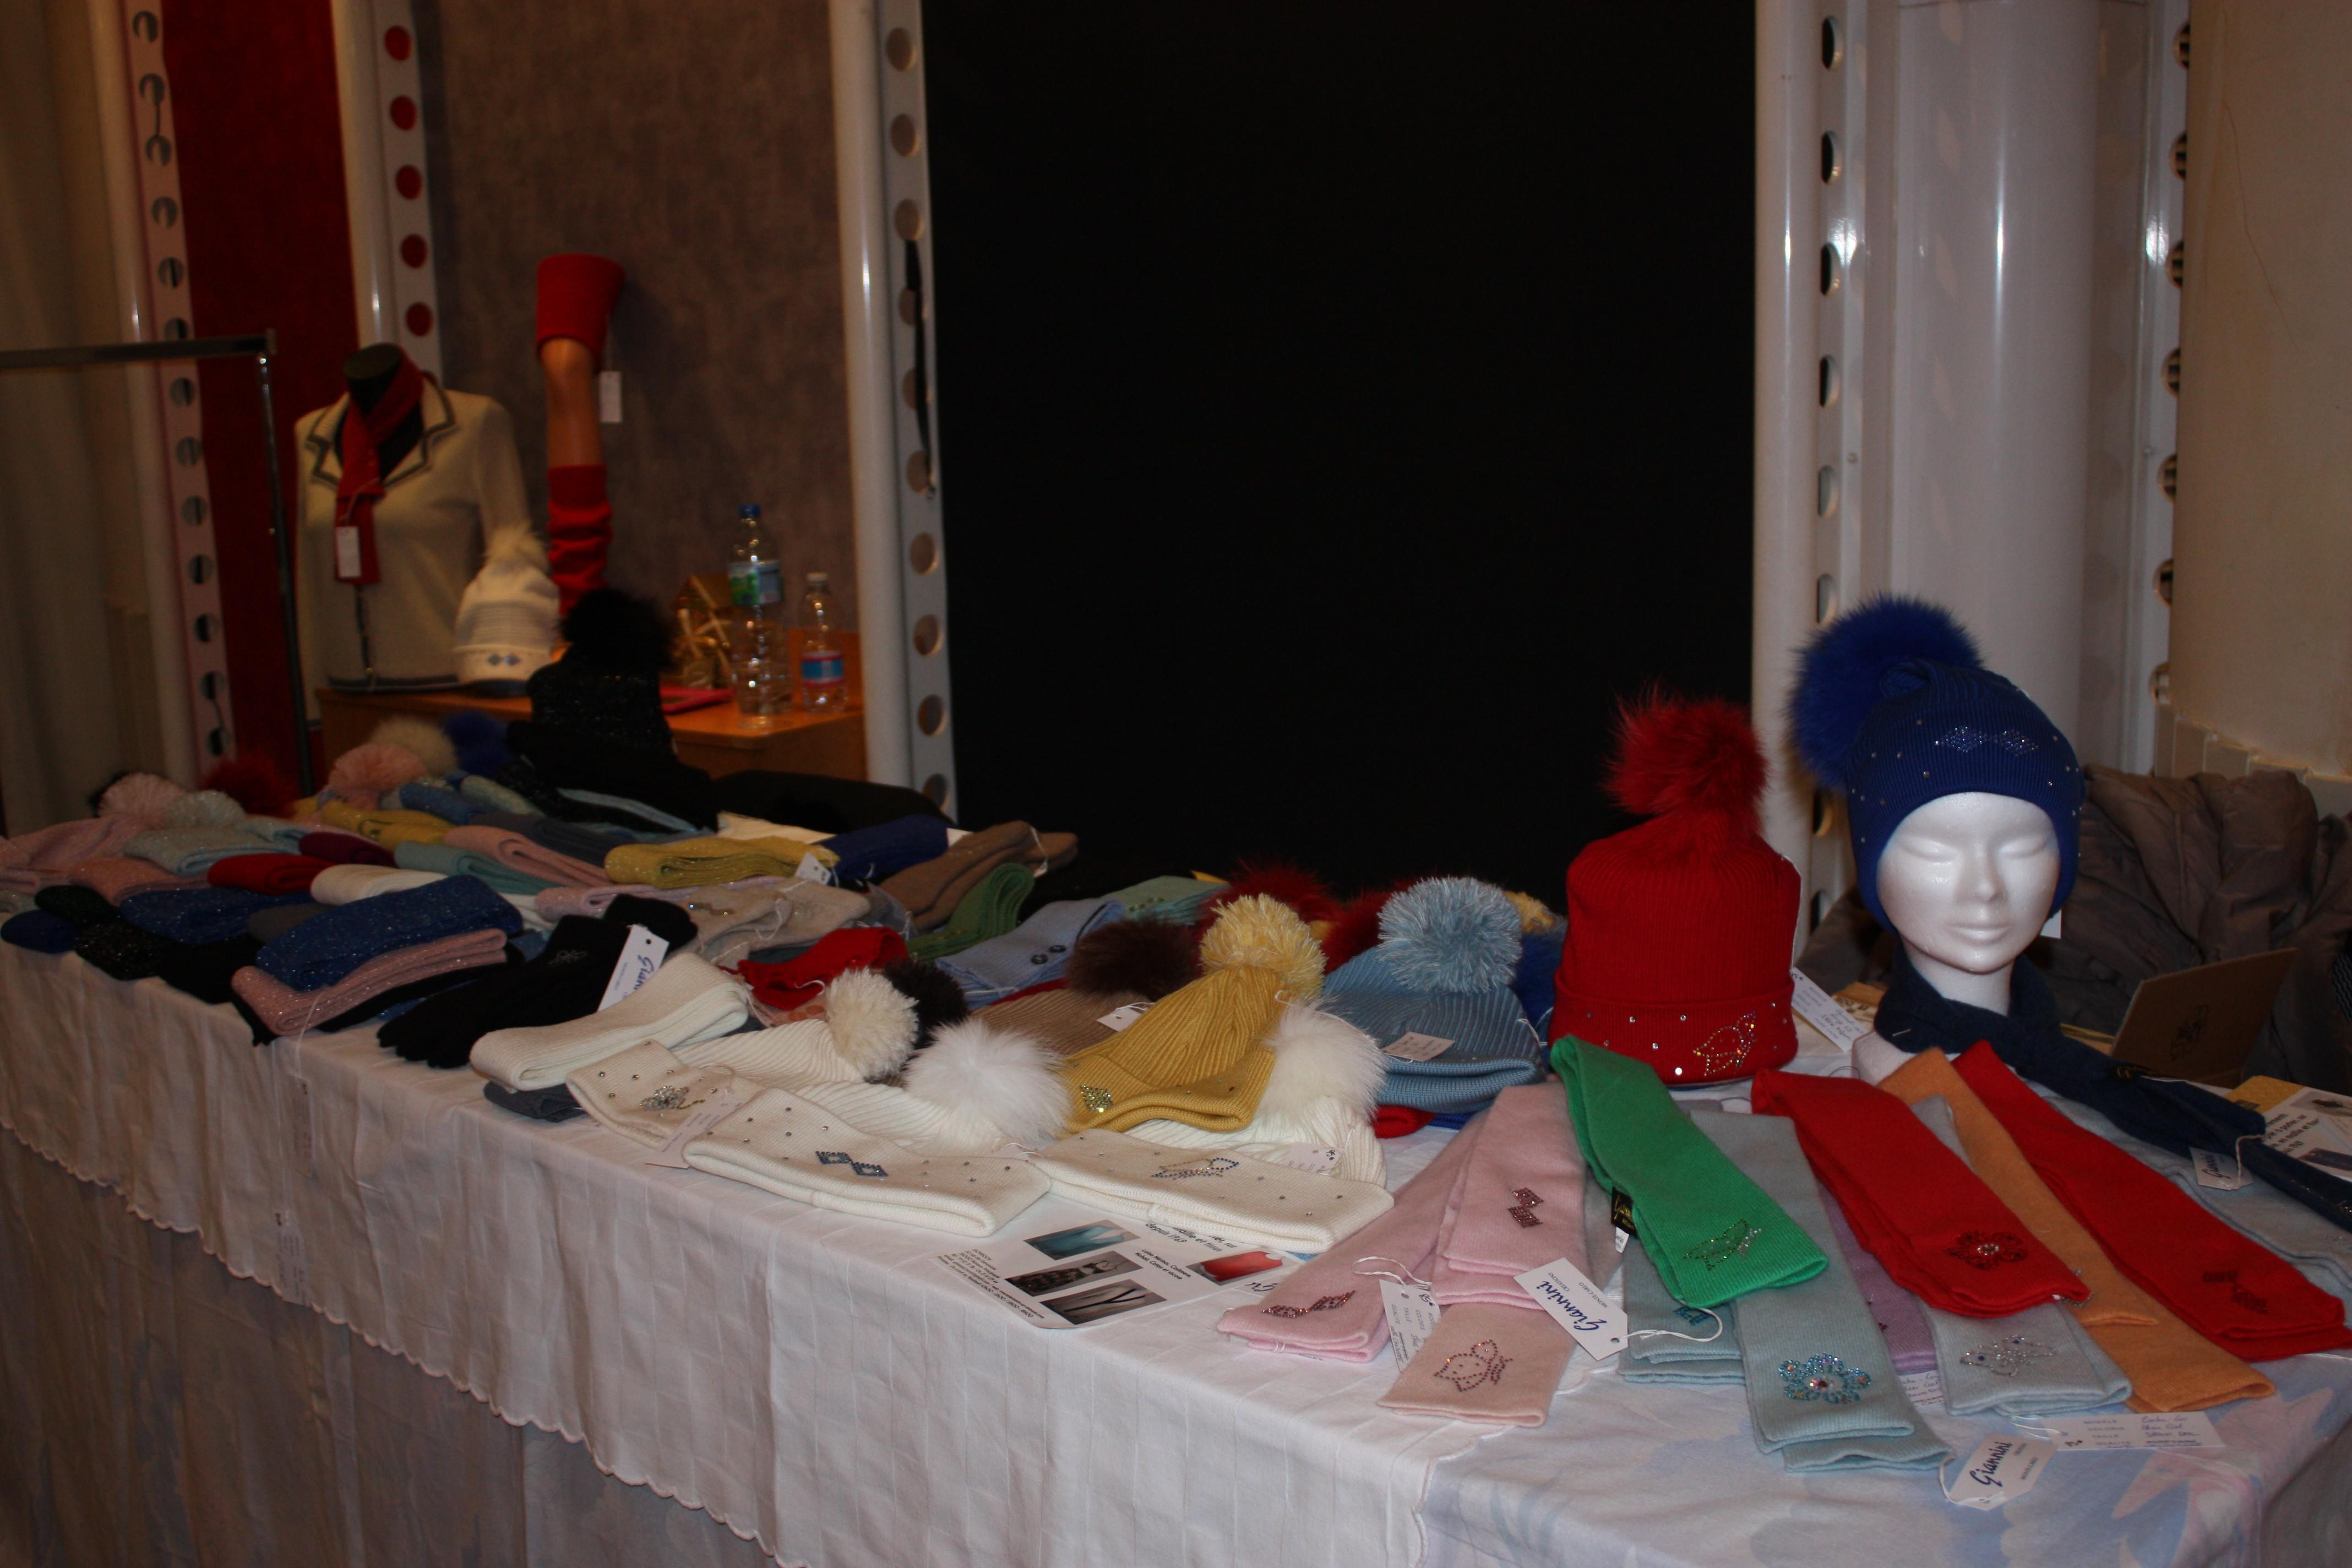 bonnets et accessoires chauds pour l'hiver